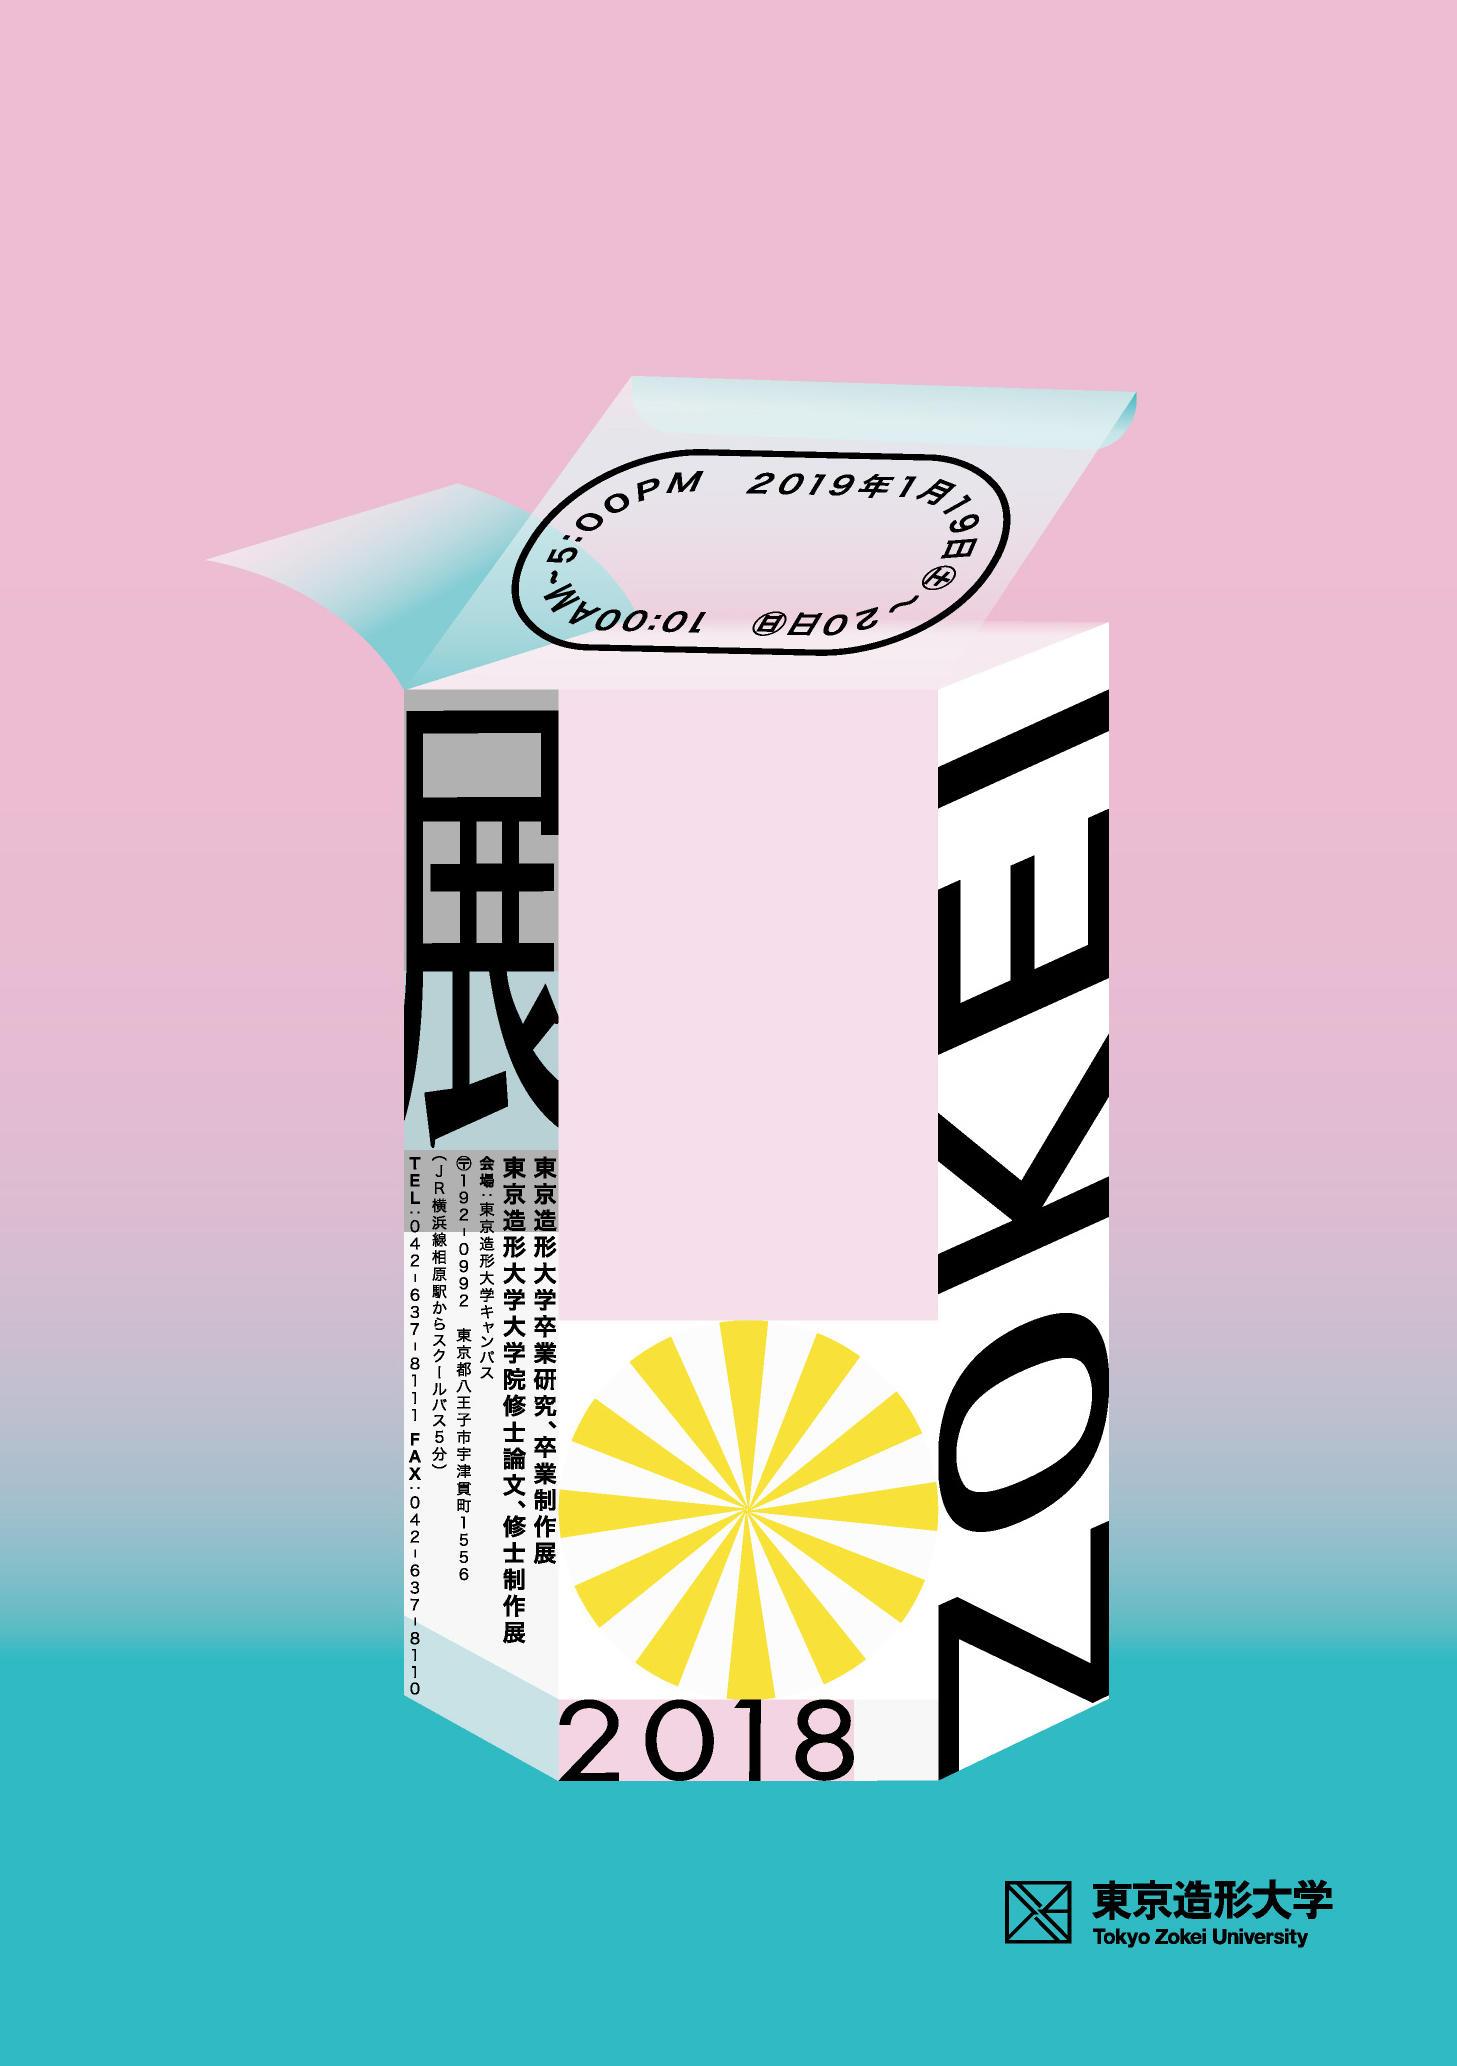 東京造形大学が2019年1月19・20日に卒業研究・卒業制作展「ZOKEI展」を開催 -- 学部生と大学院生が教育研究の集大成を展示